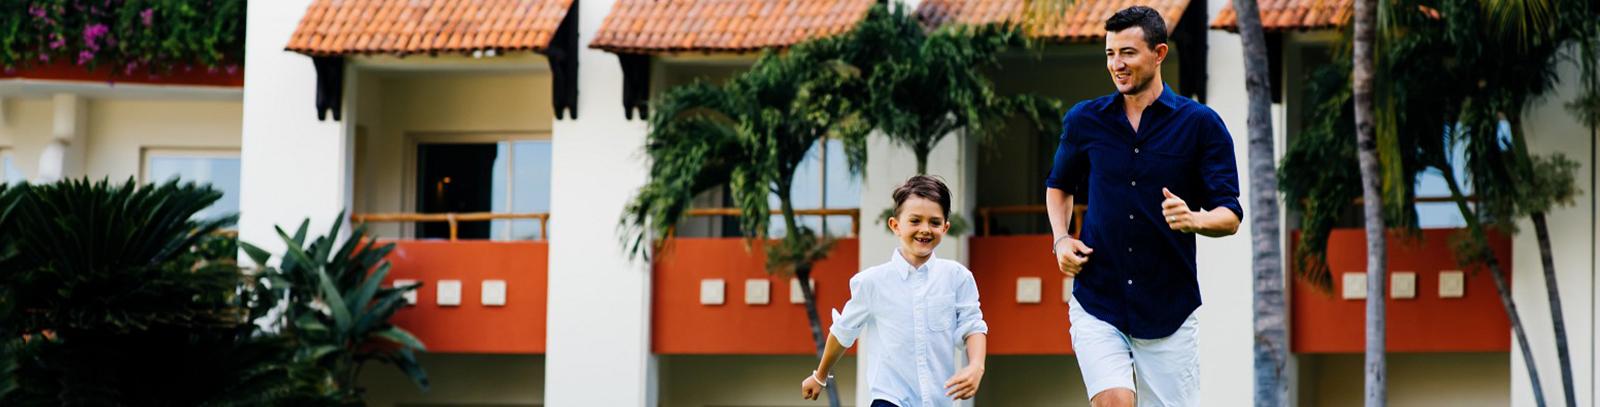 Grand Velas Riviera Nayarit offers Single Parents Getaway Package